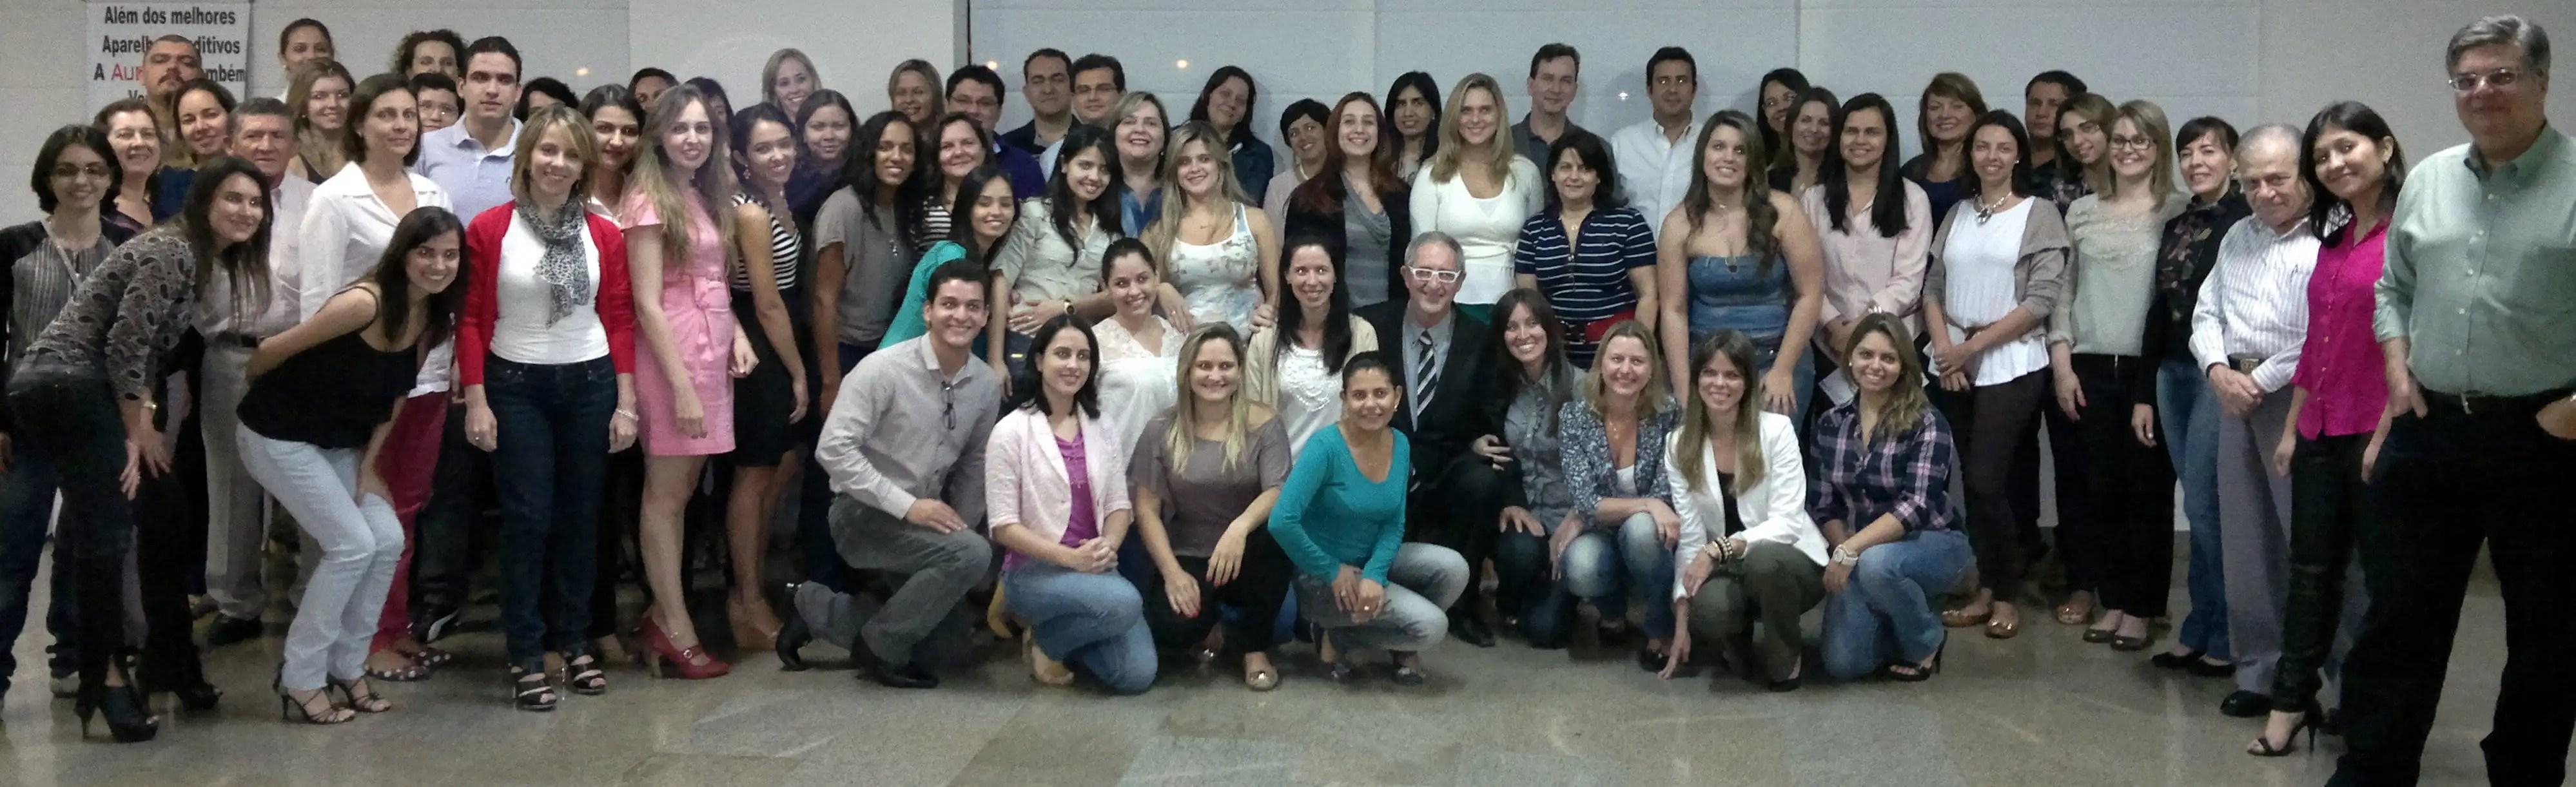 Artesanato Indiano ~ Agosto 2012 03 cursos com u201ccasa cheia u201d !!! Clínica Cóser